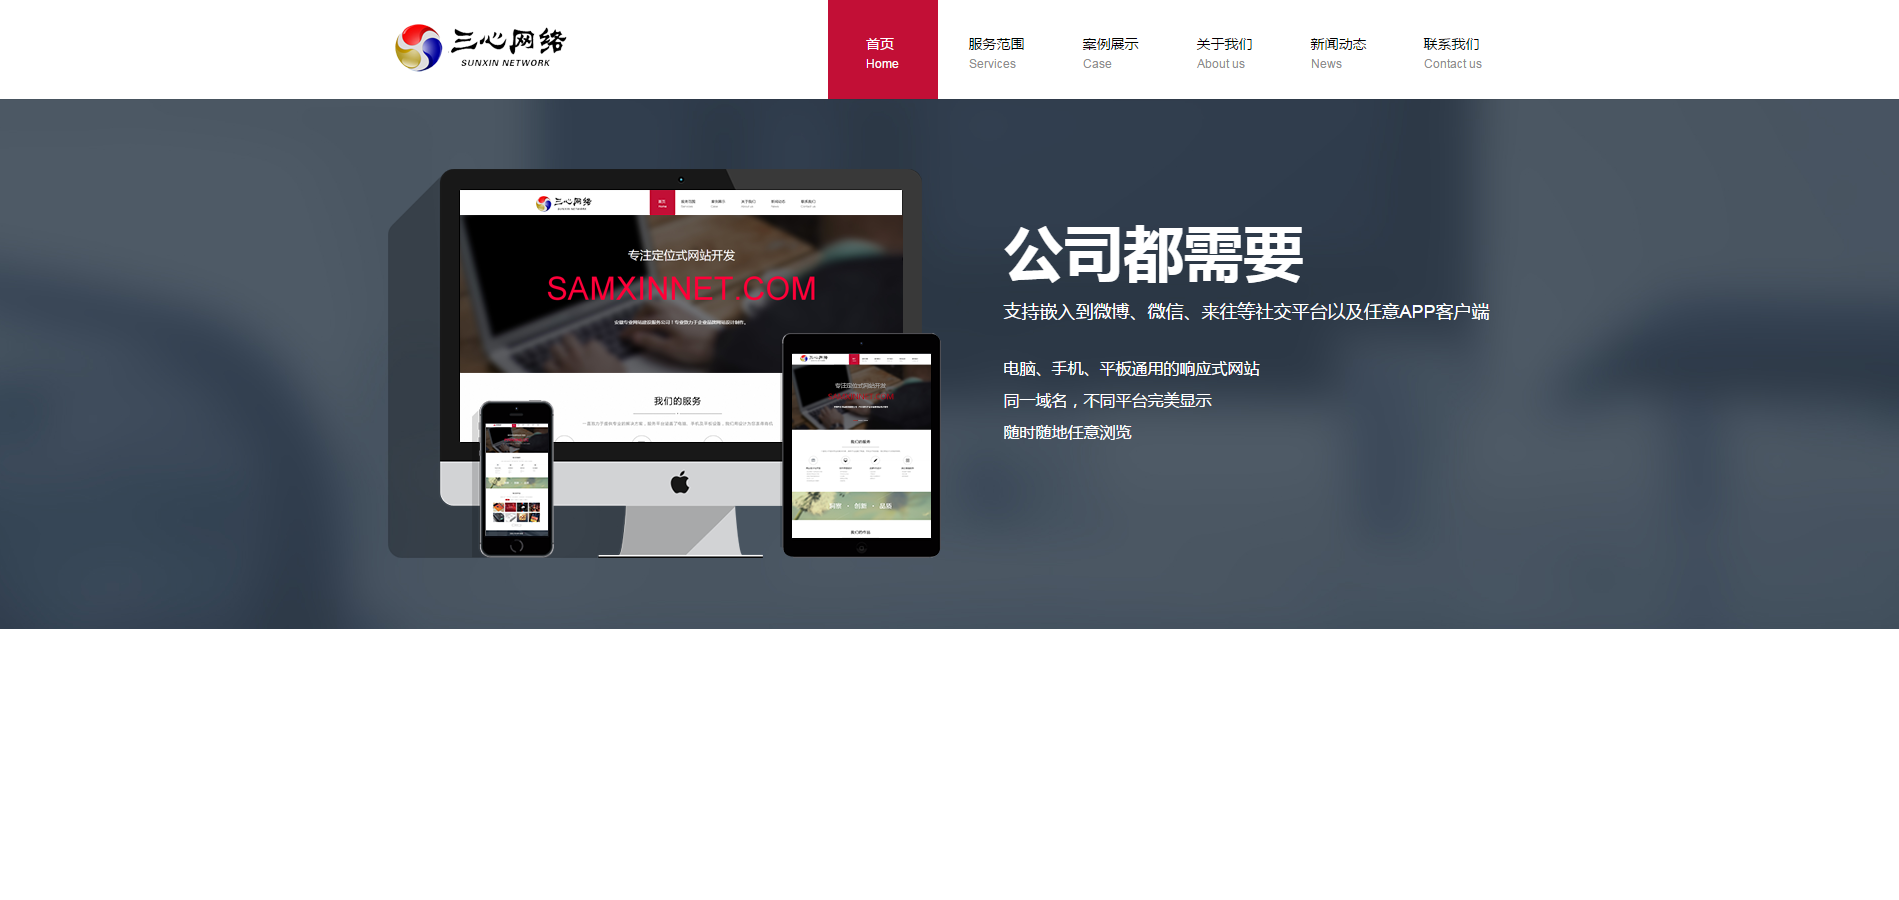 HTML5響應式企業官網網站模板下載